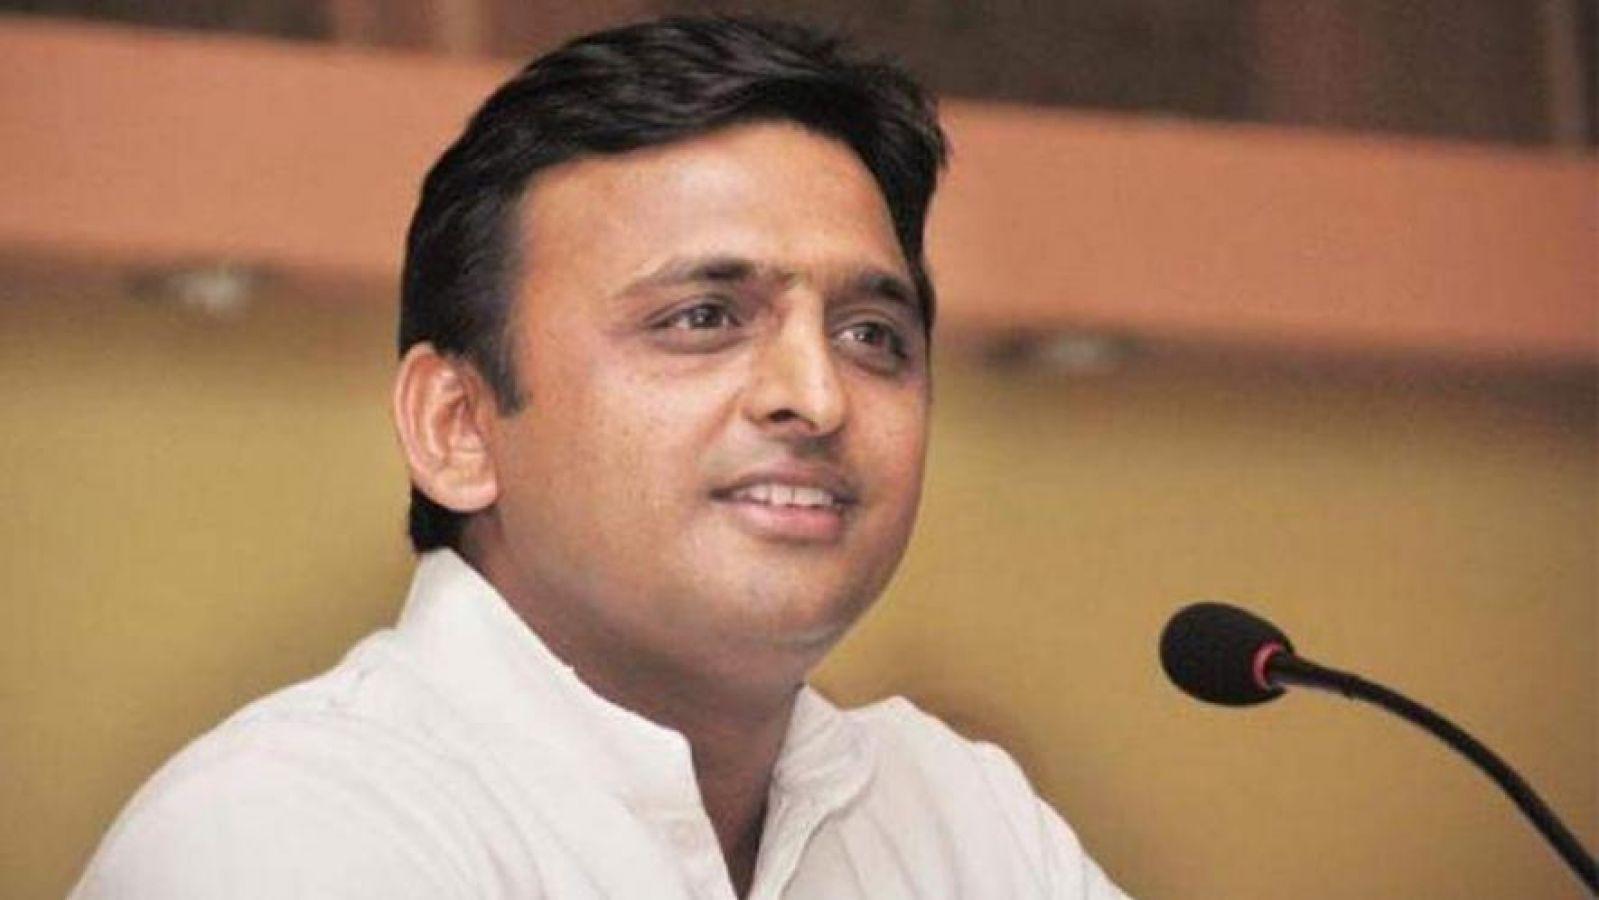 चुनाव प्रचार में अखिलेश का दावा, कहा- भाजपा को काफी पीछे छोड़ देगा महागठबंधन